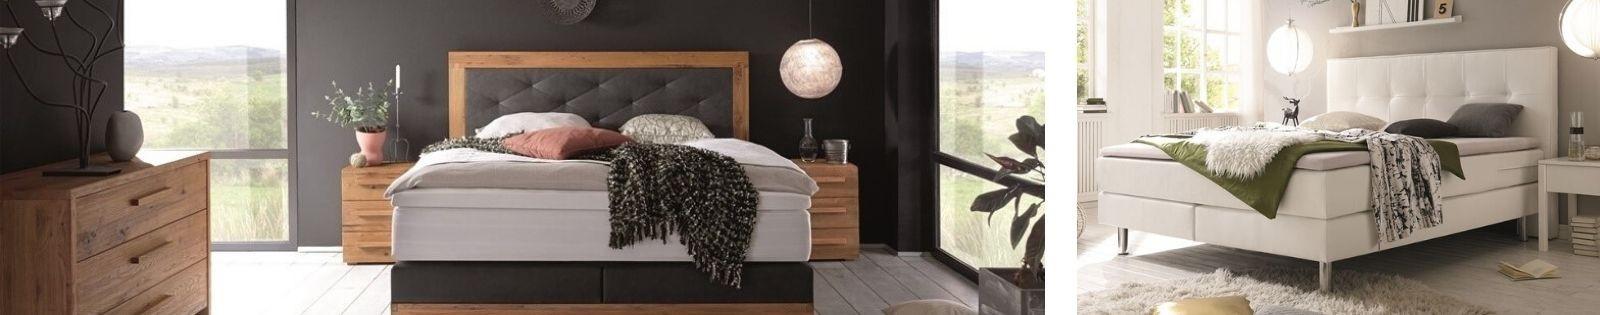 HASENA : GAMME BOXSPRING. Meubles pour votre chambre en bois massif.